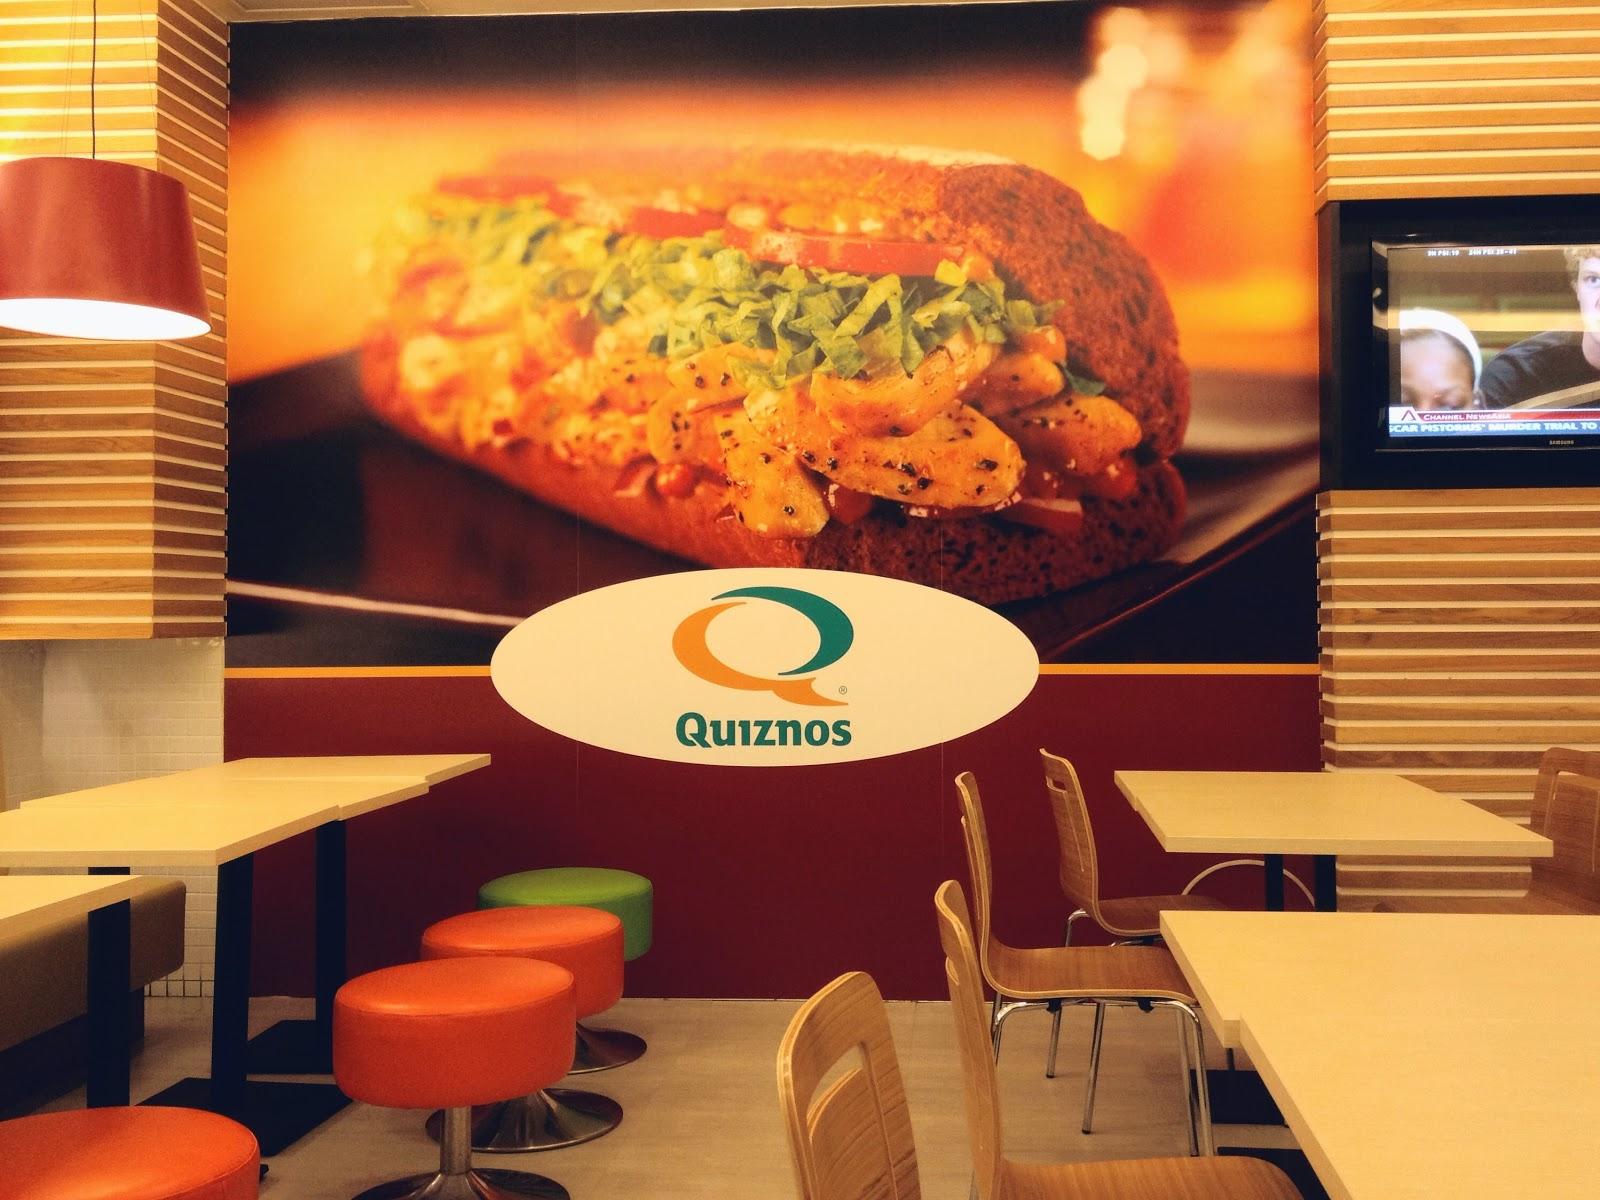 Quiznos @ Changi Airport, Singapore